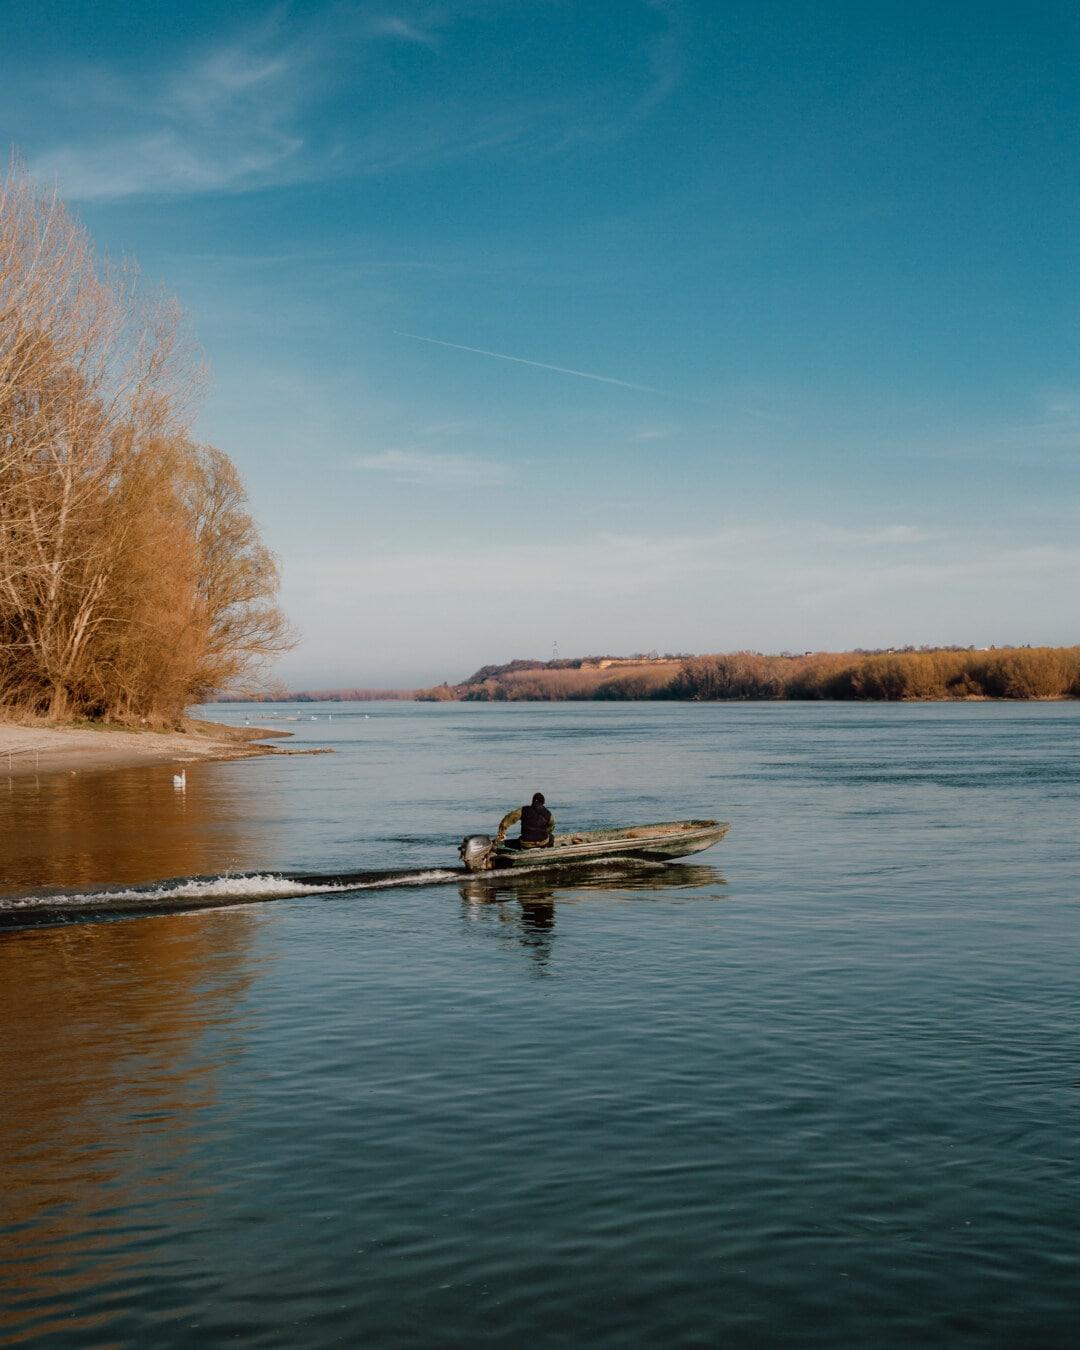 Flussschiff, Fluss, Wasser, Reflexion, Sonnenuntergang, Fischer, Dämmerung, Boot, Landschaft, Ruder